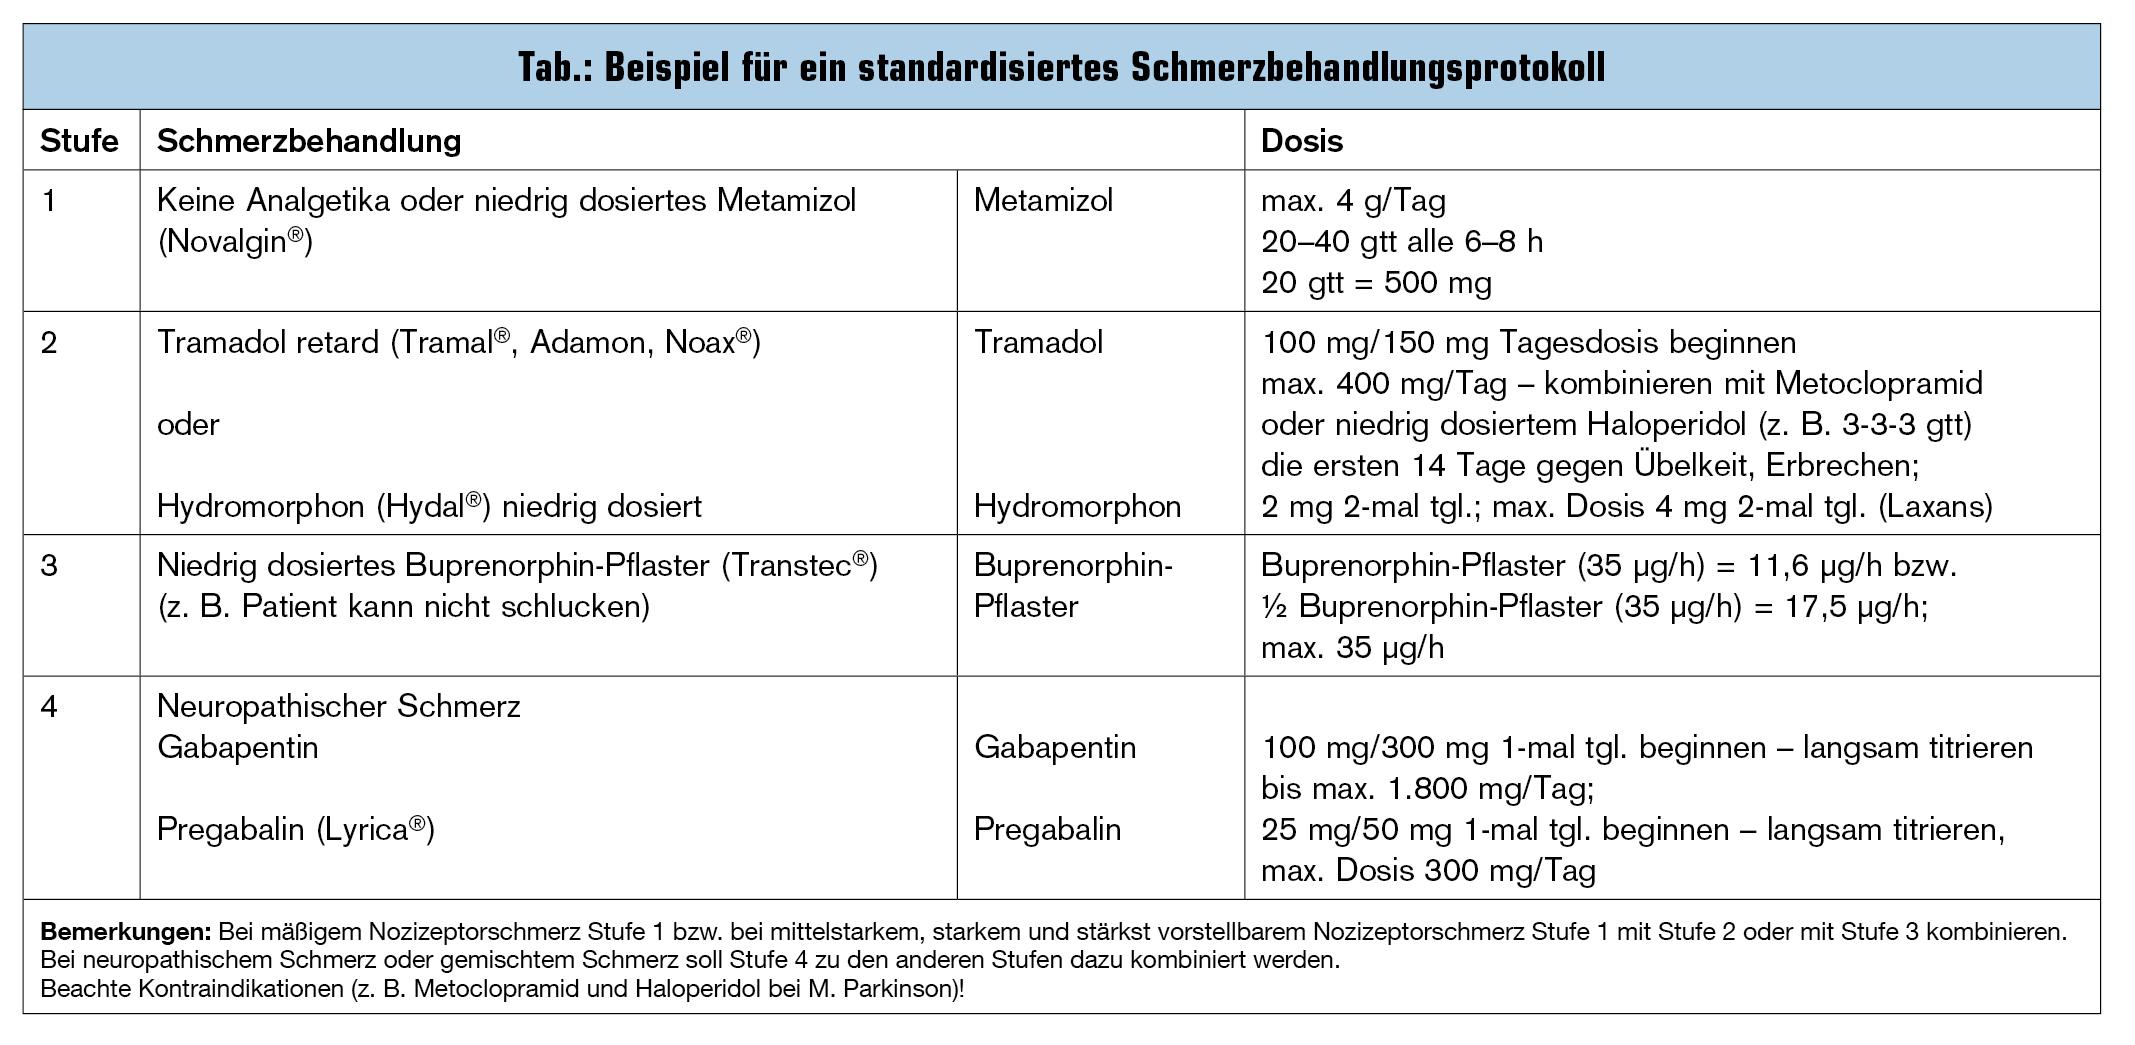 Großzügig Anatomie Und Physiologie Stufe 4 Bilder - Physiologie Von ...